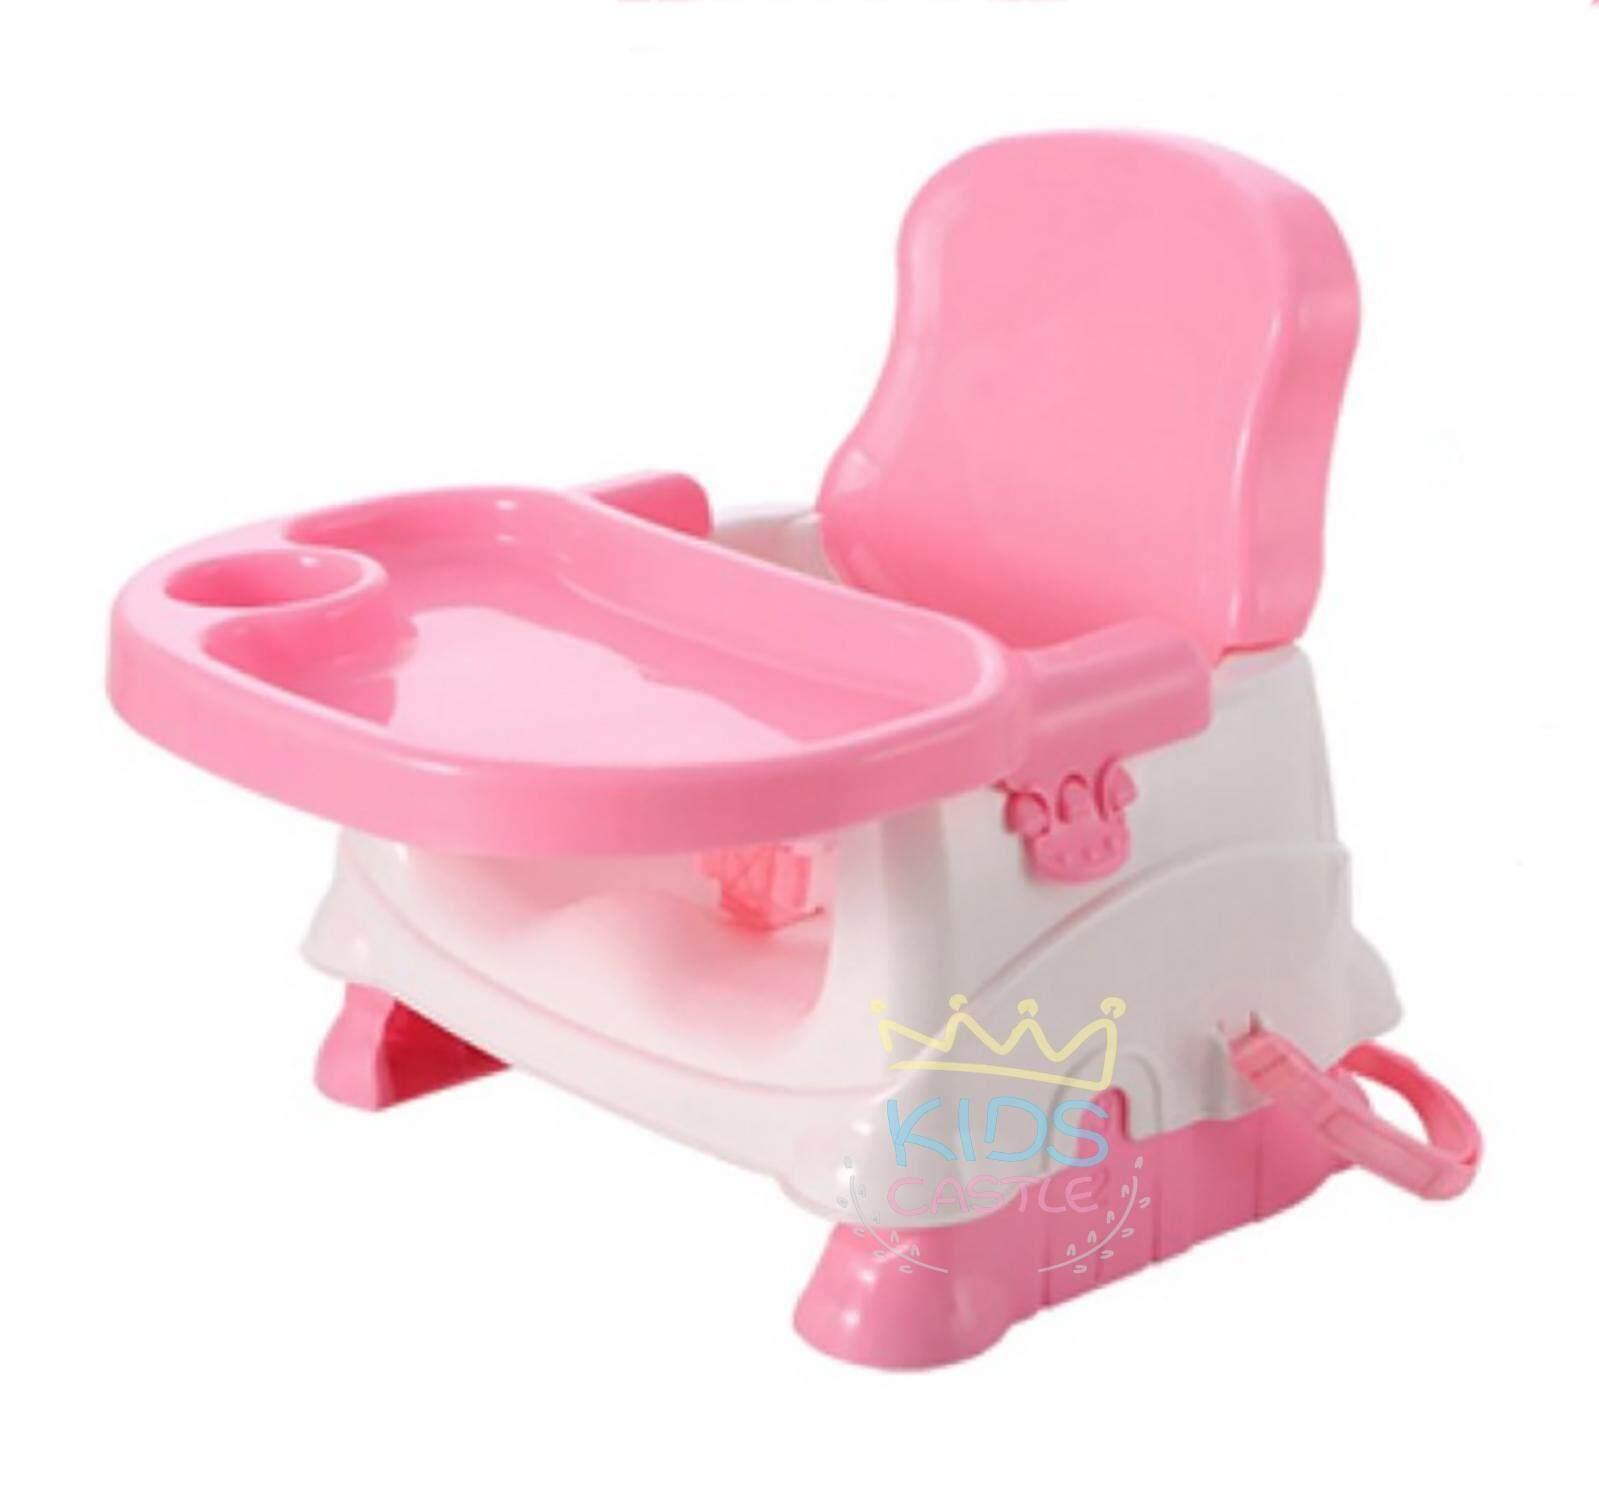 รีวิว Kids castle เก้าอี้ทานอาหารเด็กแบบพกพา